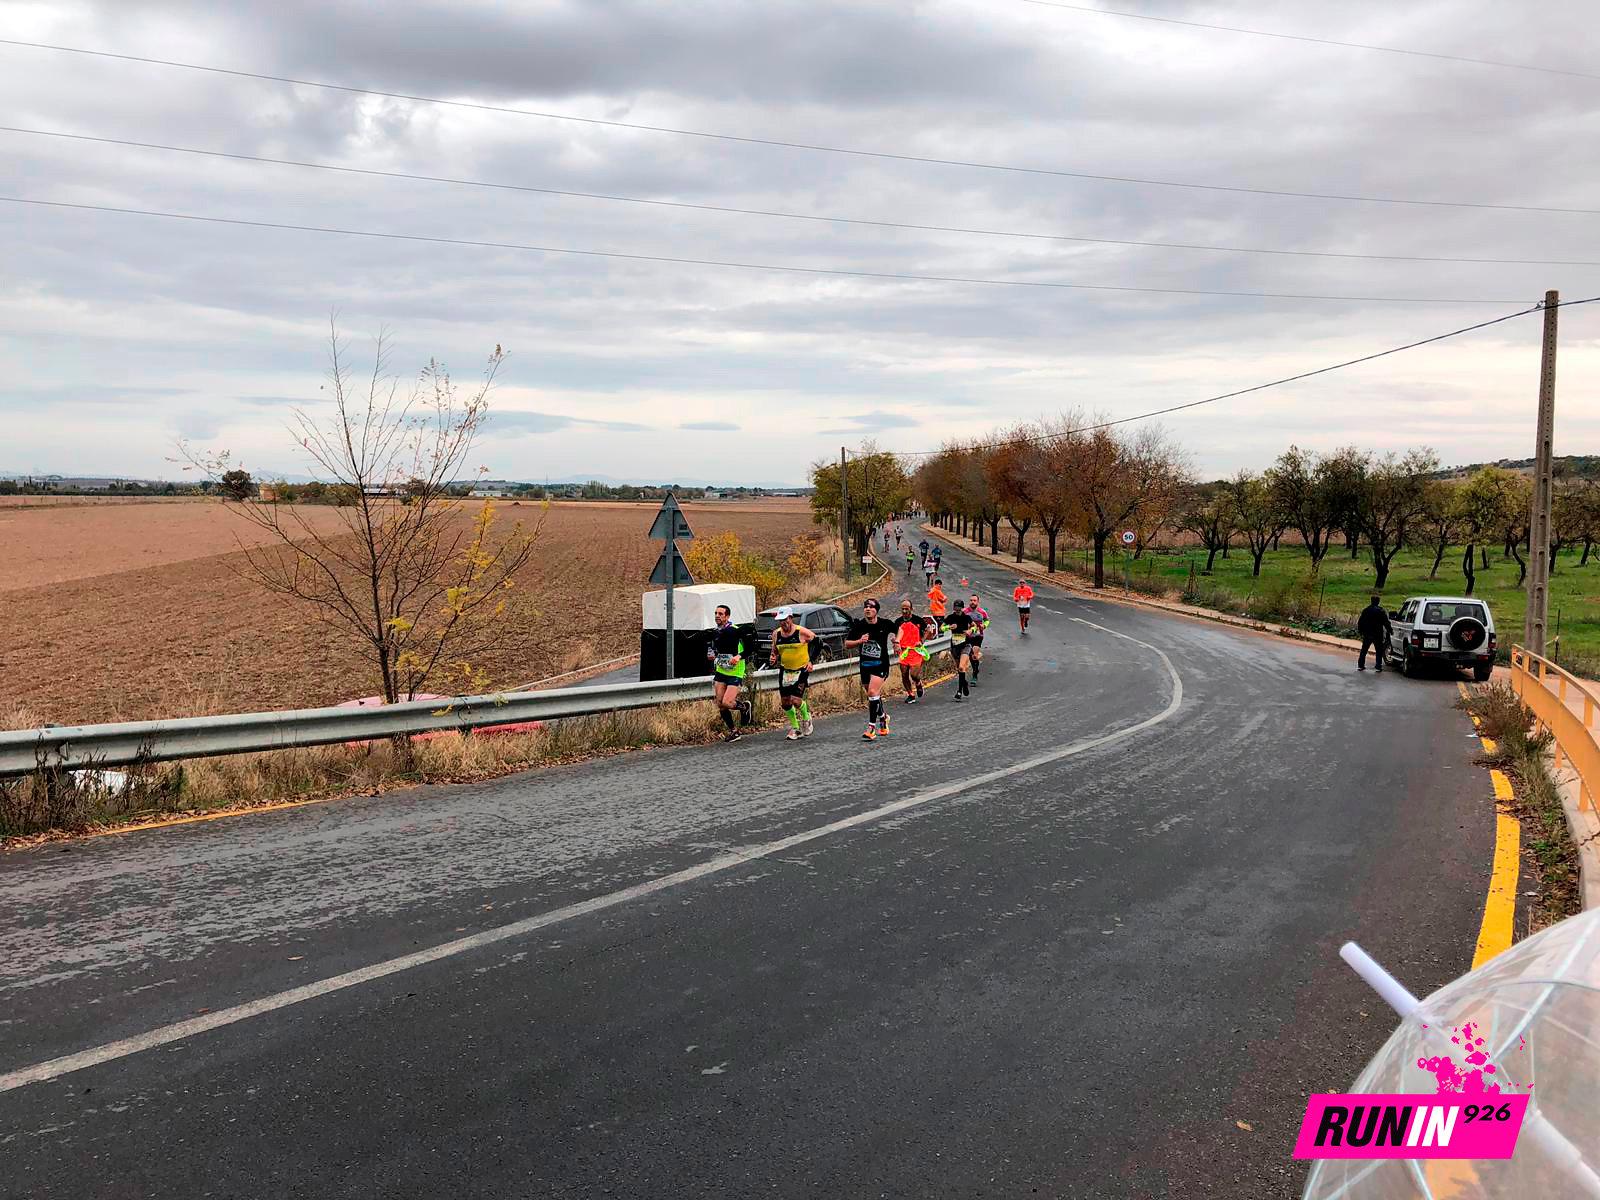 Medía Maratón de Miguelturra 2018